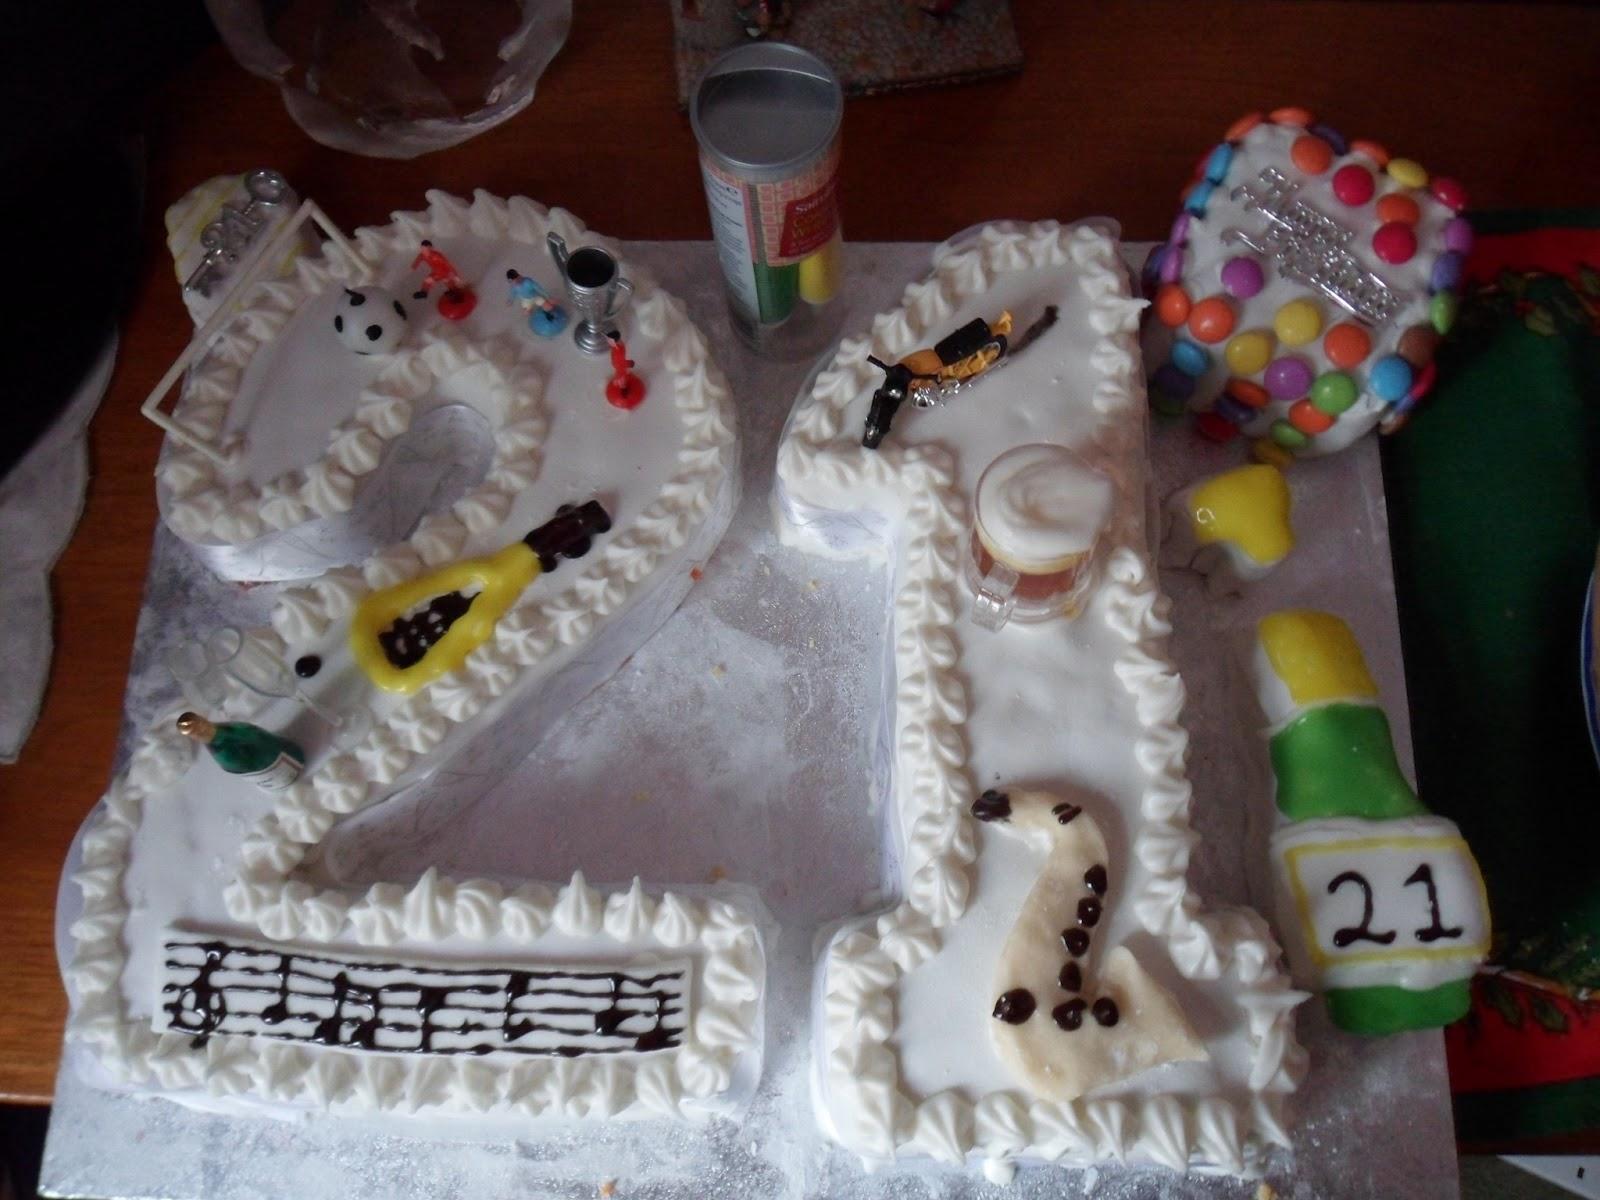 Cakes Bakes 21st Birthday Cake For Jon